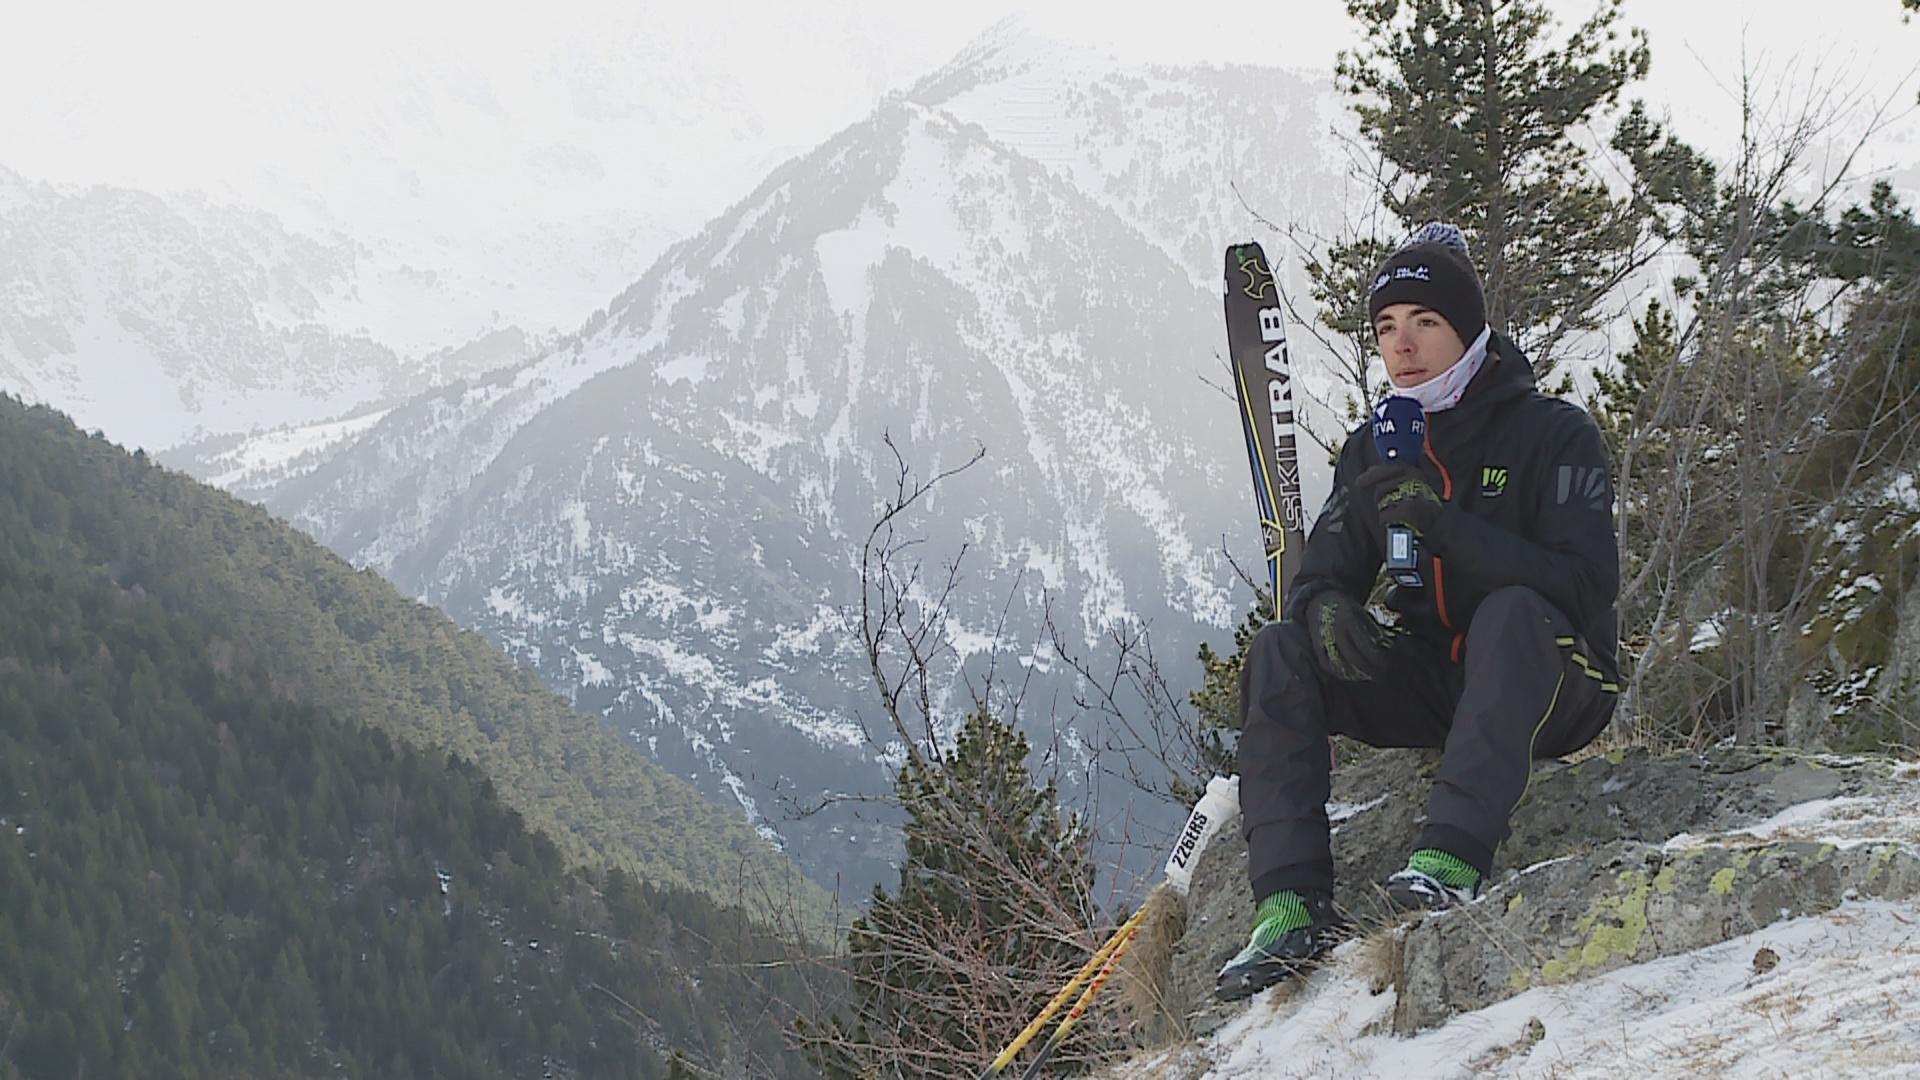 Sergi Casabella és l'esquiador més en forma de la FAM i ja pensa en l'Andorra Comapedrosa